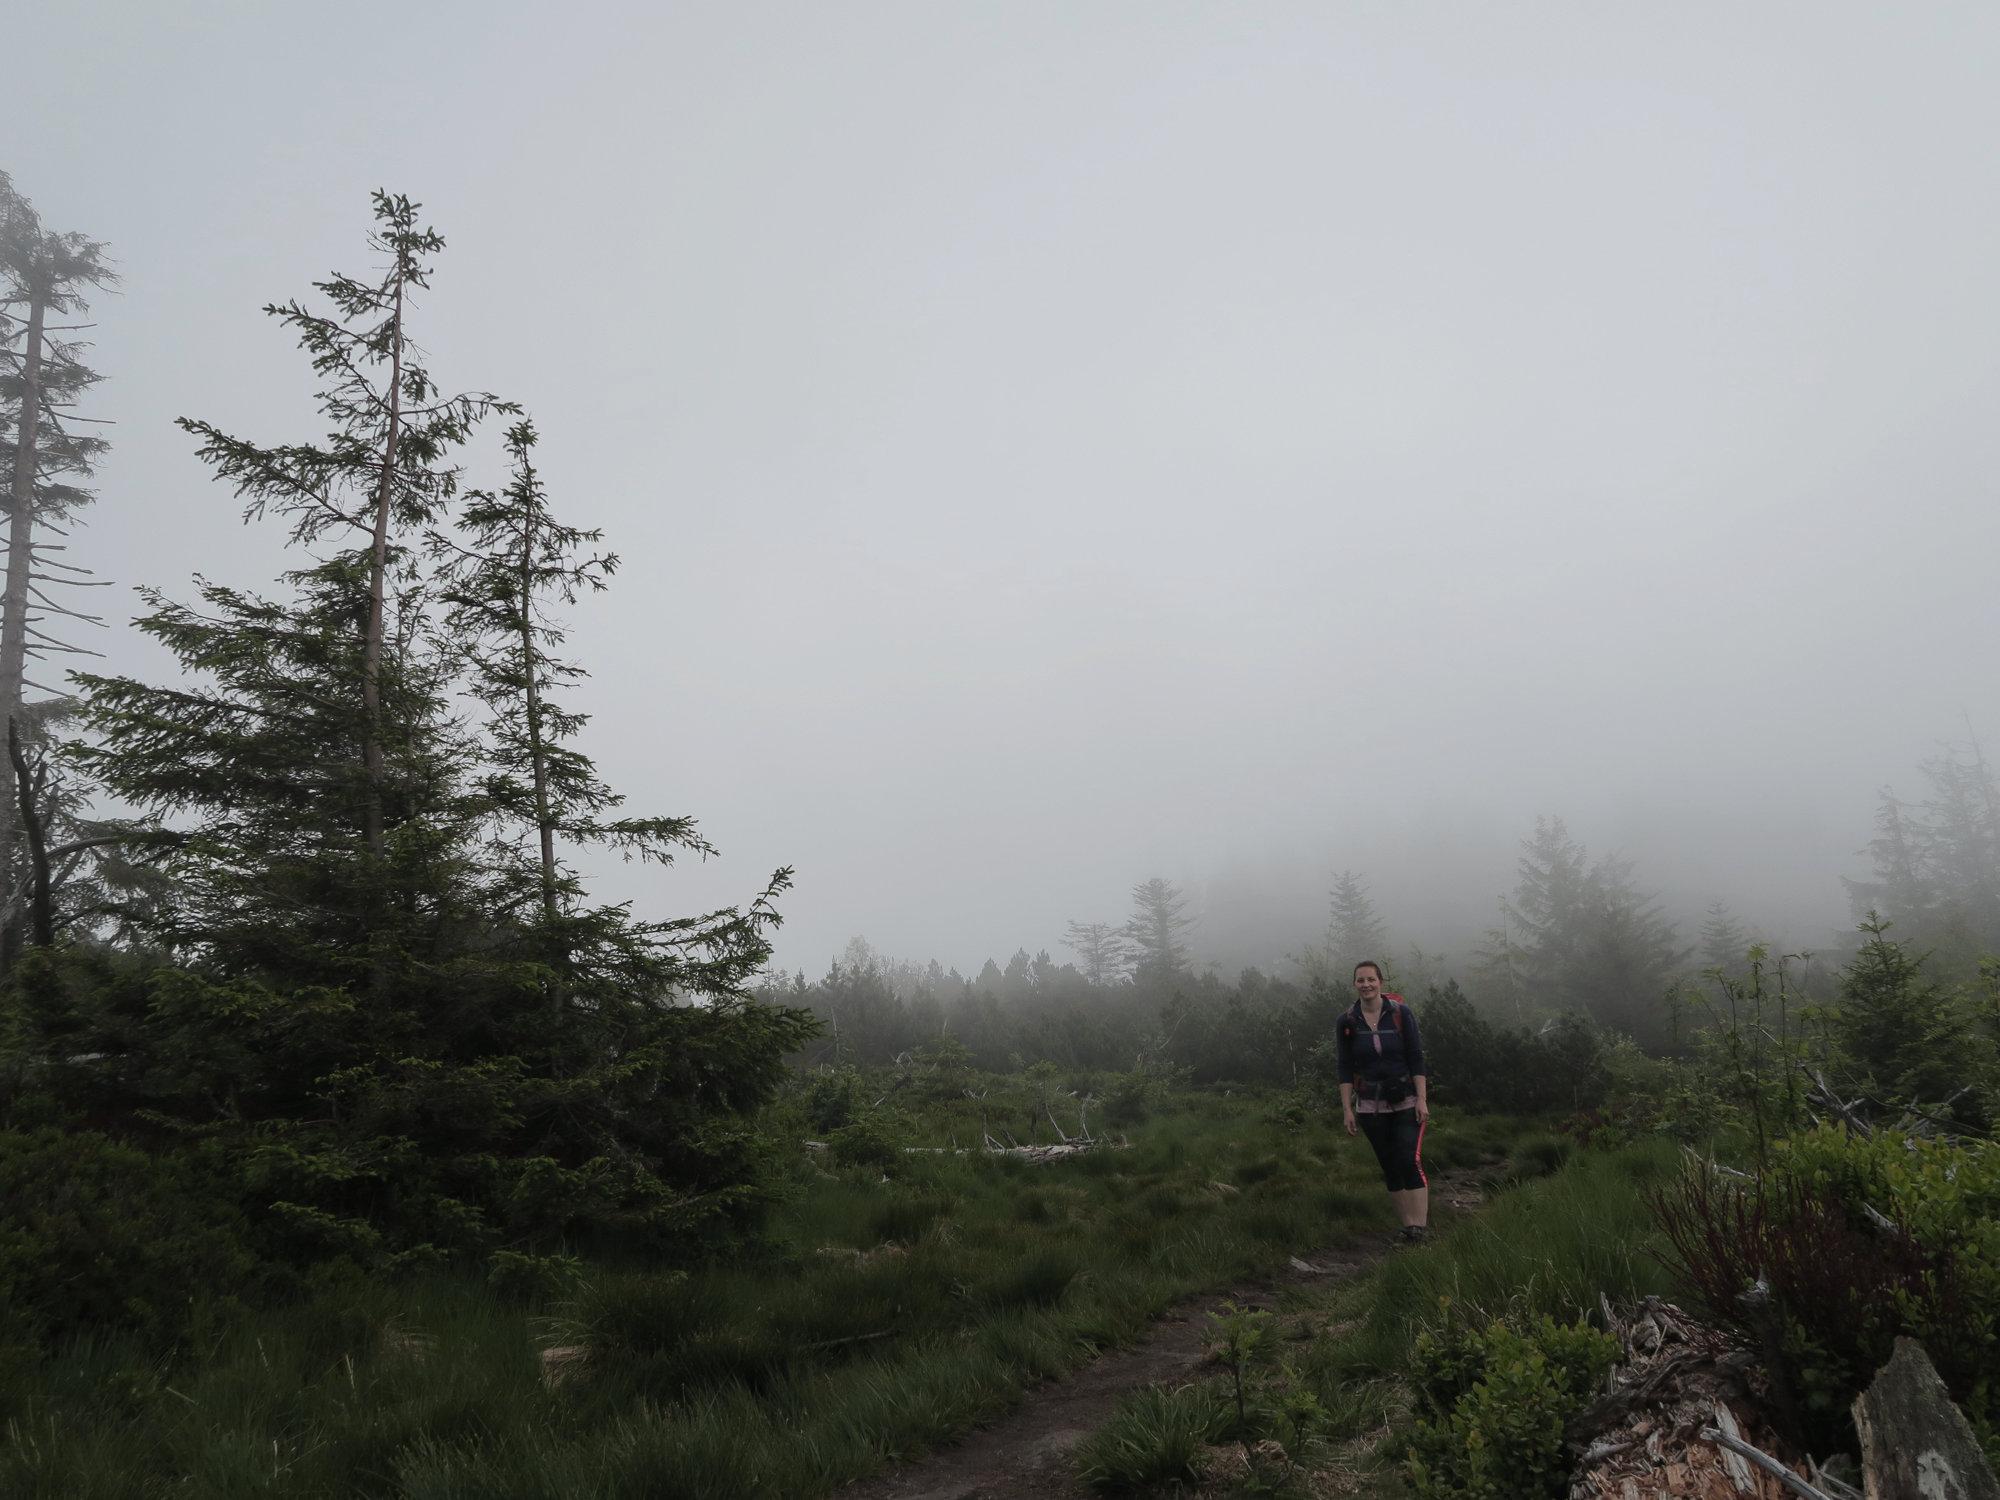 Nebliger Morgen beim Trekking im Schwarzwald